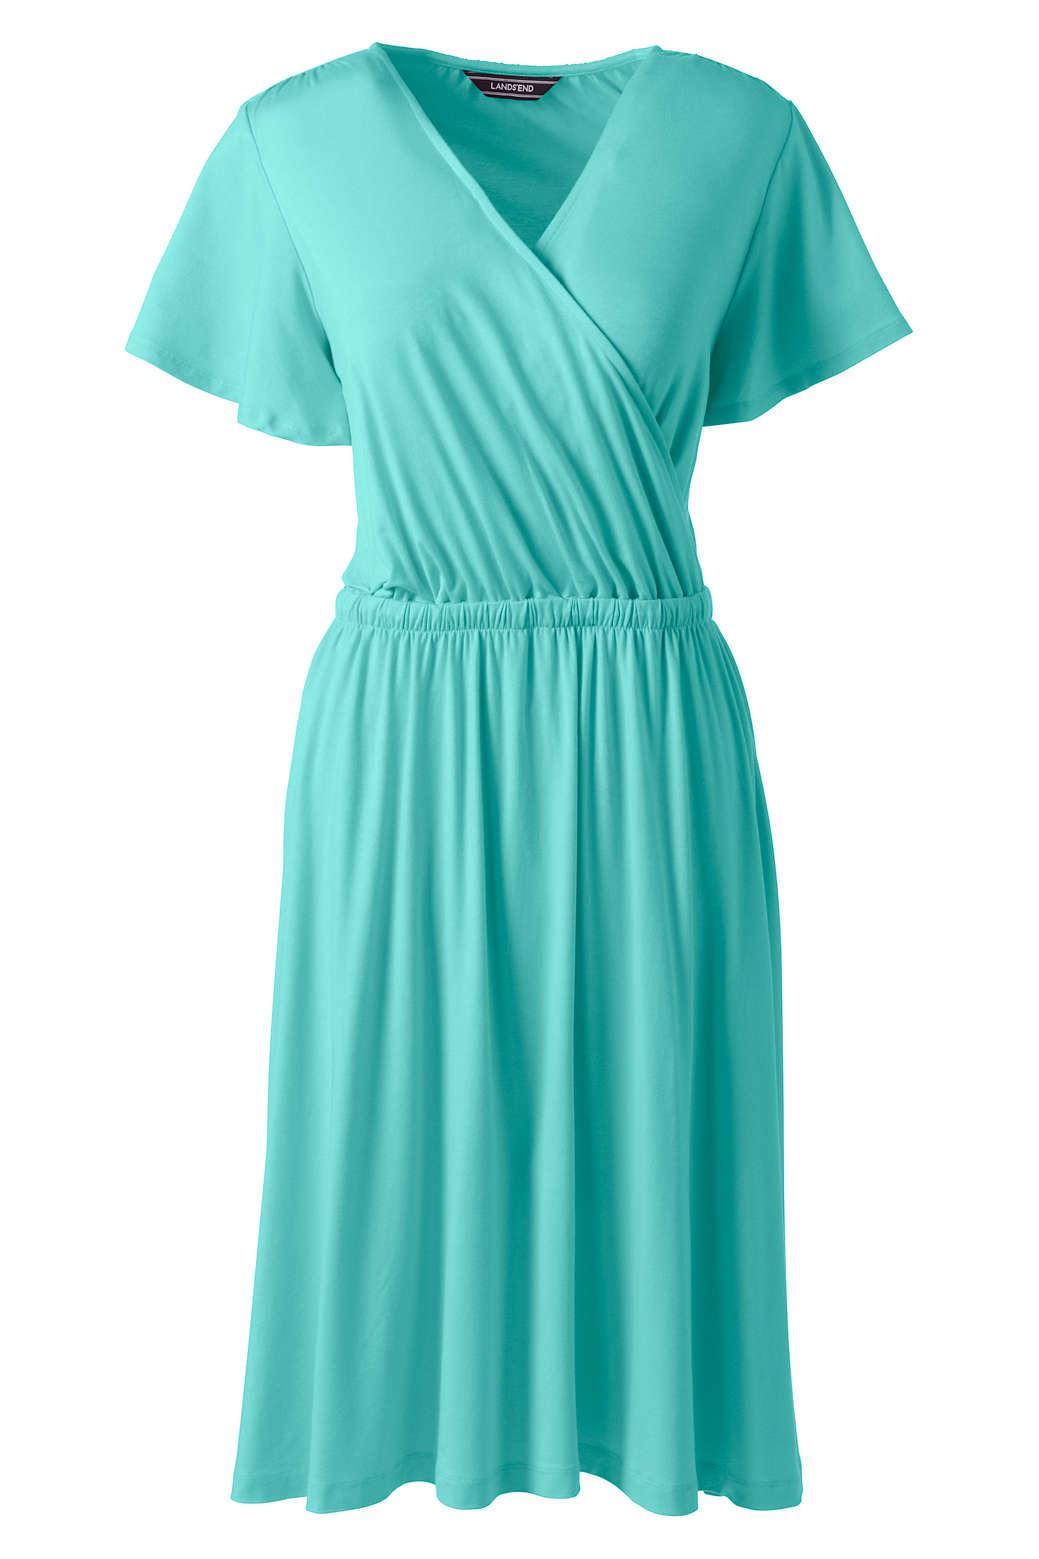 0553957d1e5 Women s Flutter Sleeve Surplice Dress from Lands  End